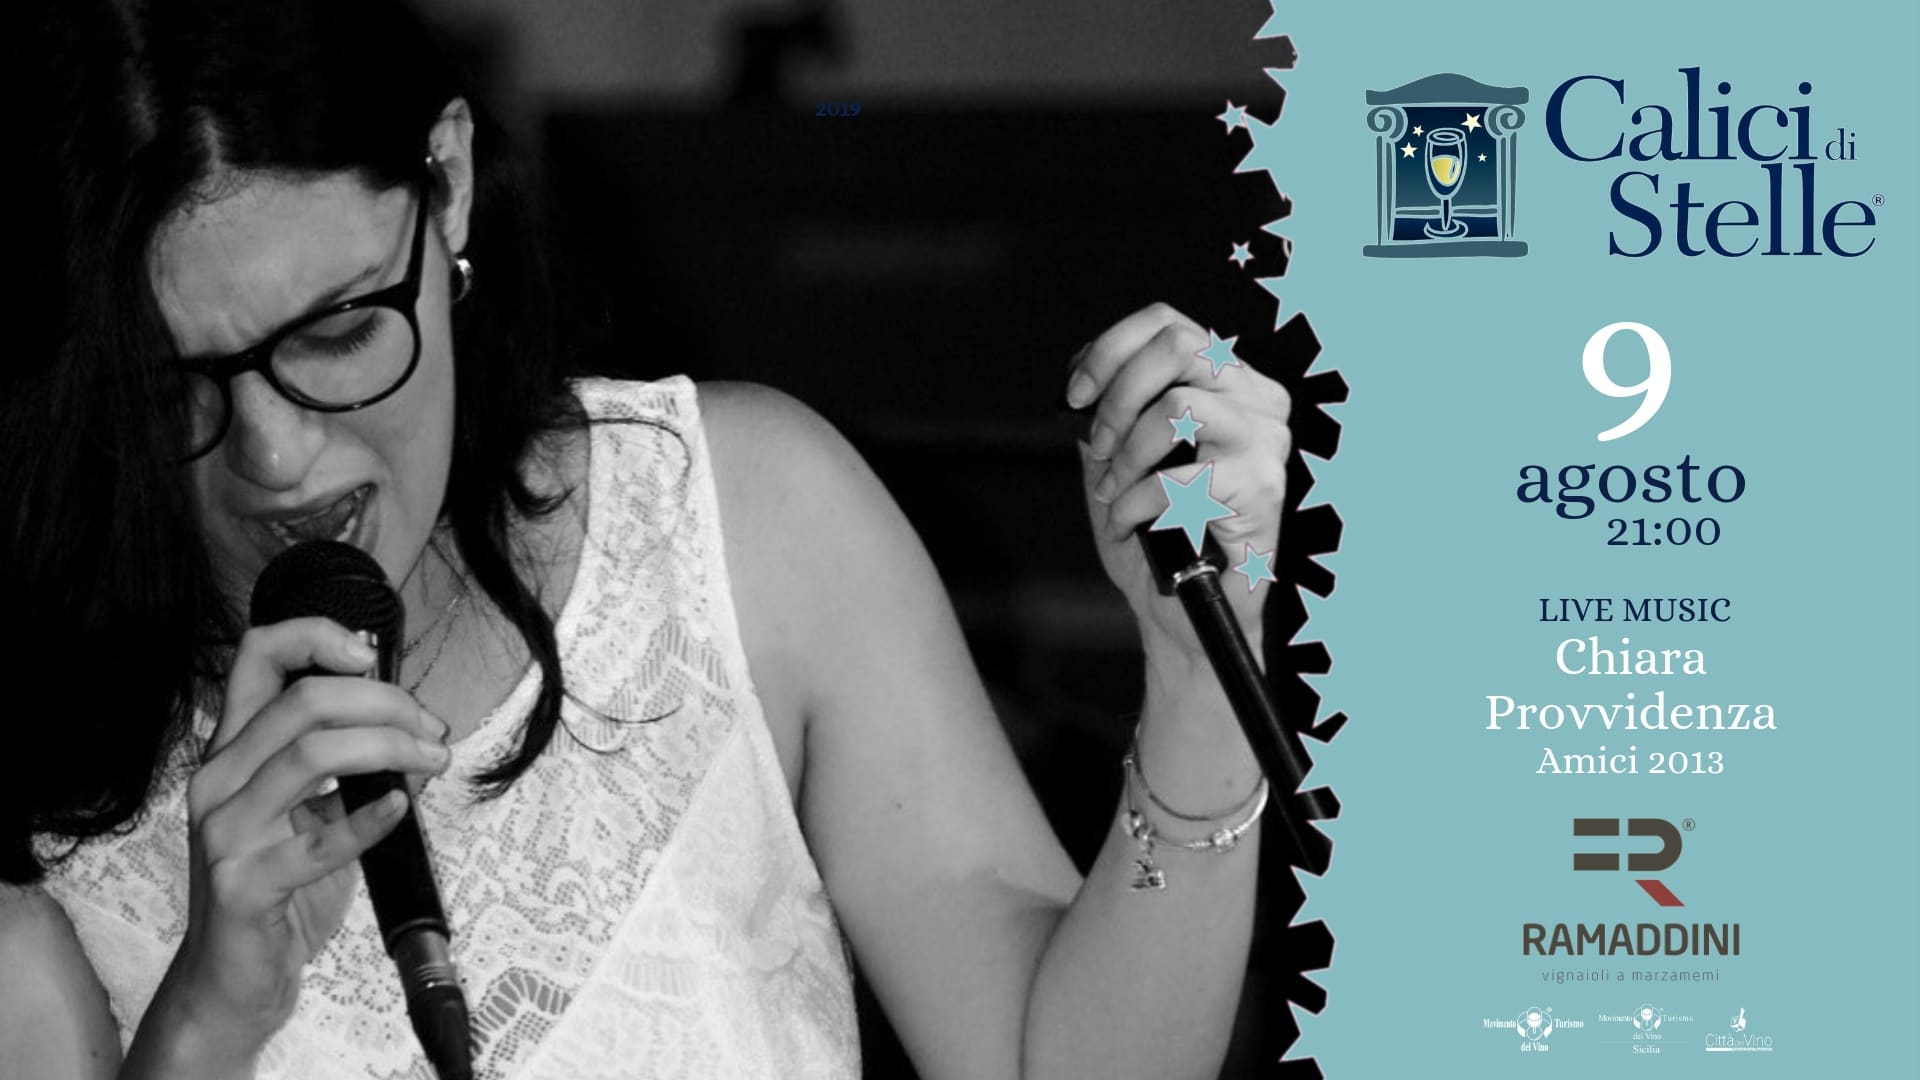 Live Music con Chiara Provvidenza il 9 AGOSTO a Calici di Stelle 2019 Marzamemi!